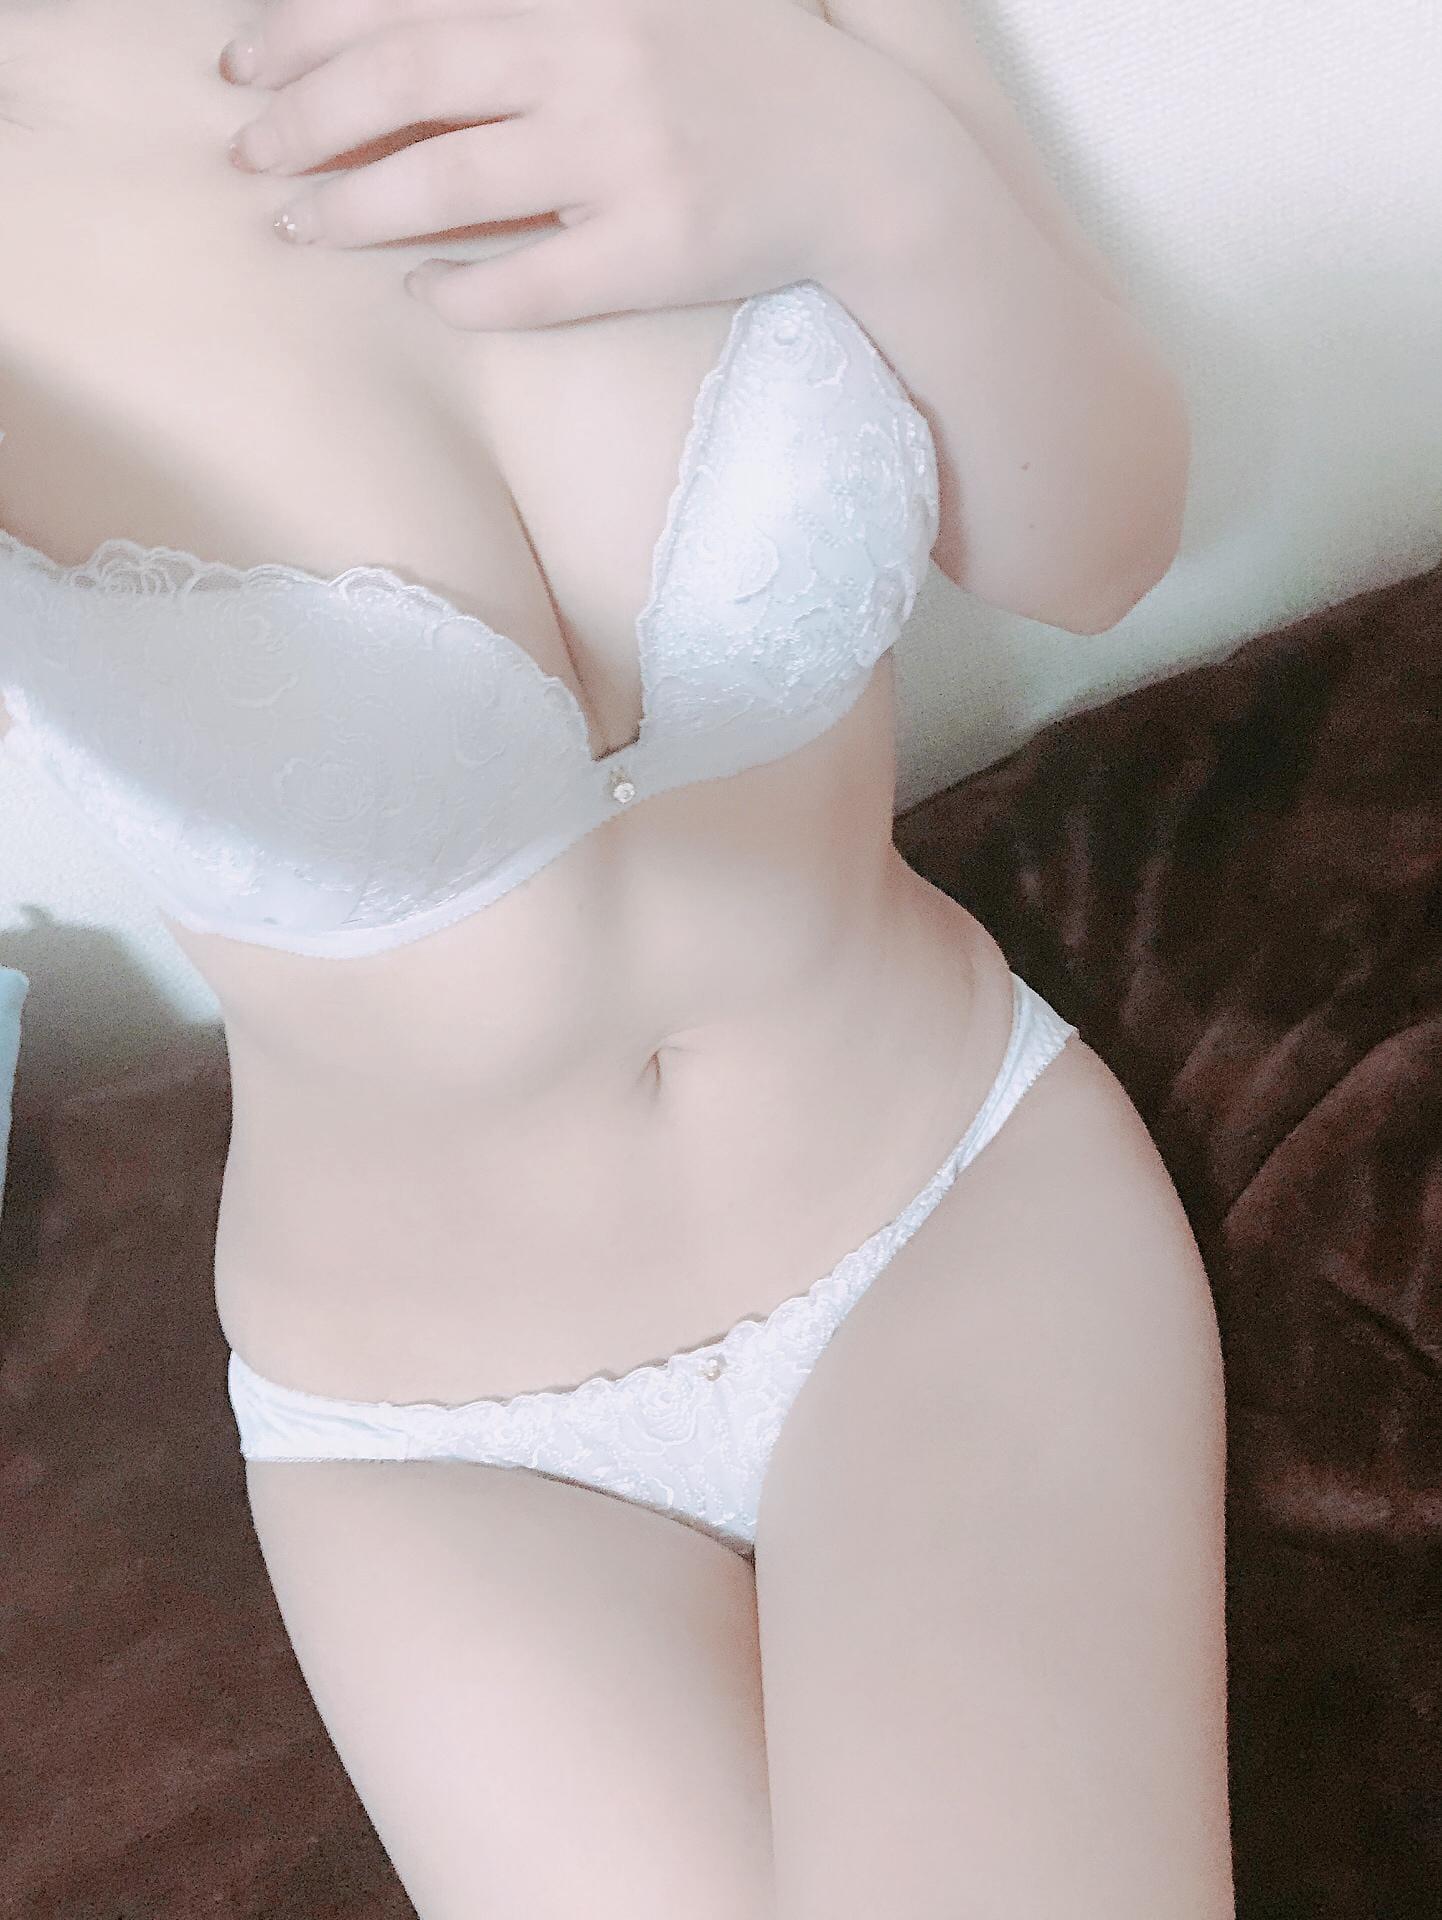 「出勤しました〜♡」10/23(10/23) 20:26 | はるの写メ・風俗動画